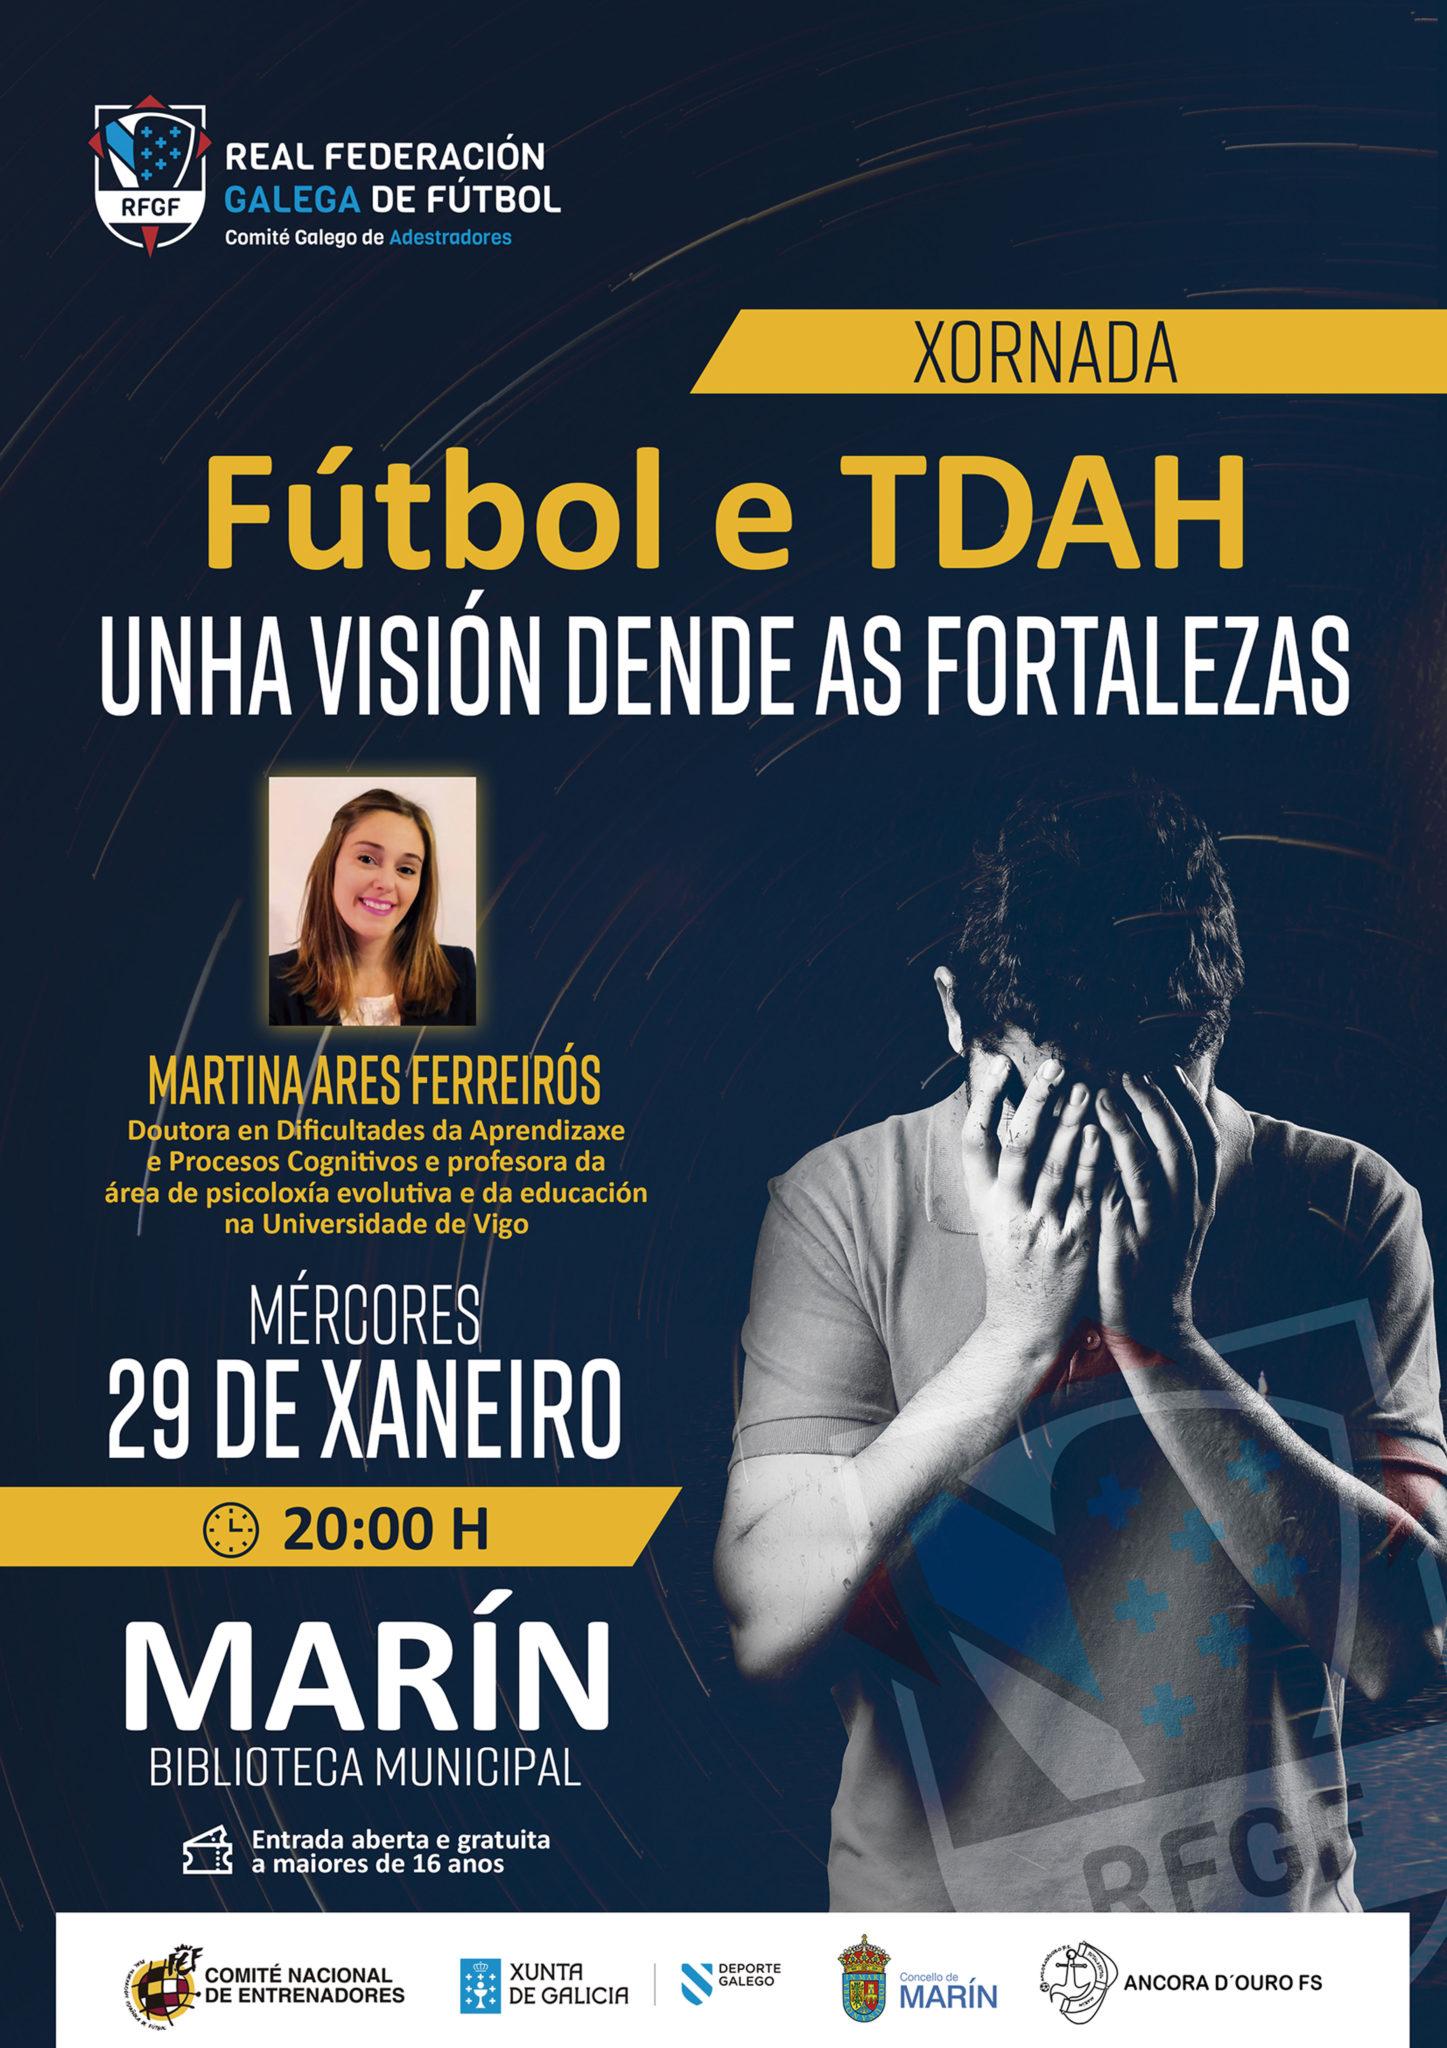 Fútbol e TDAH en Marín